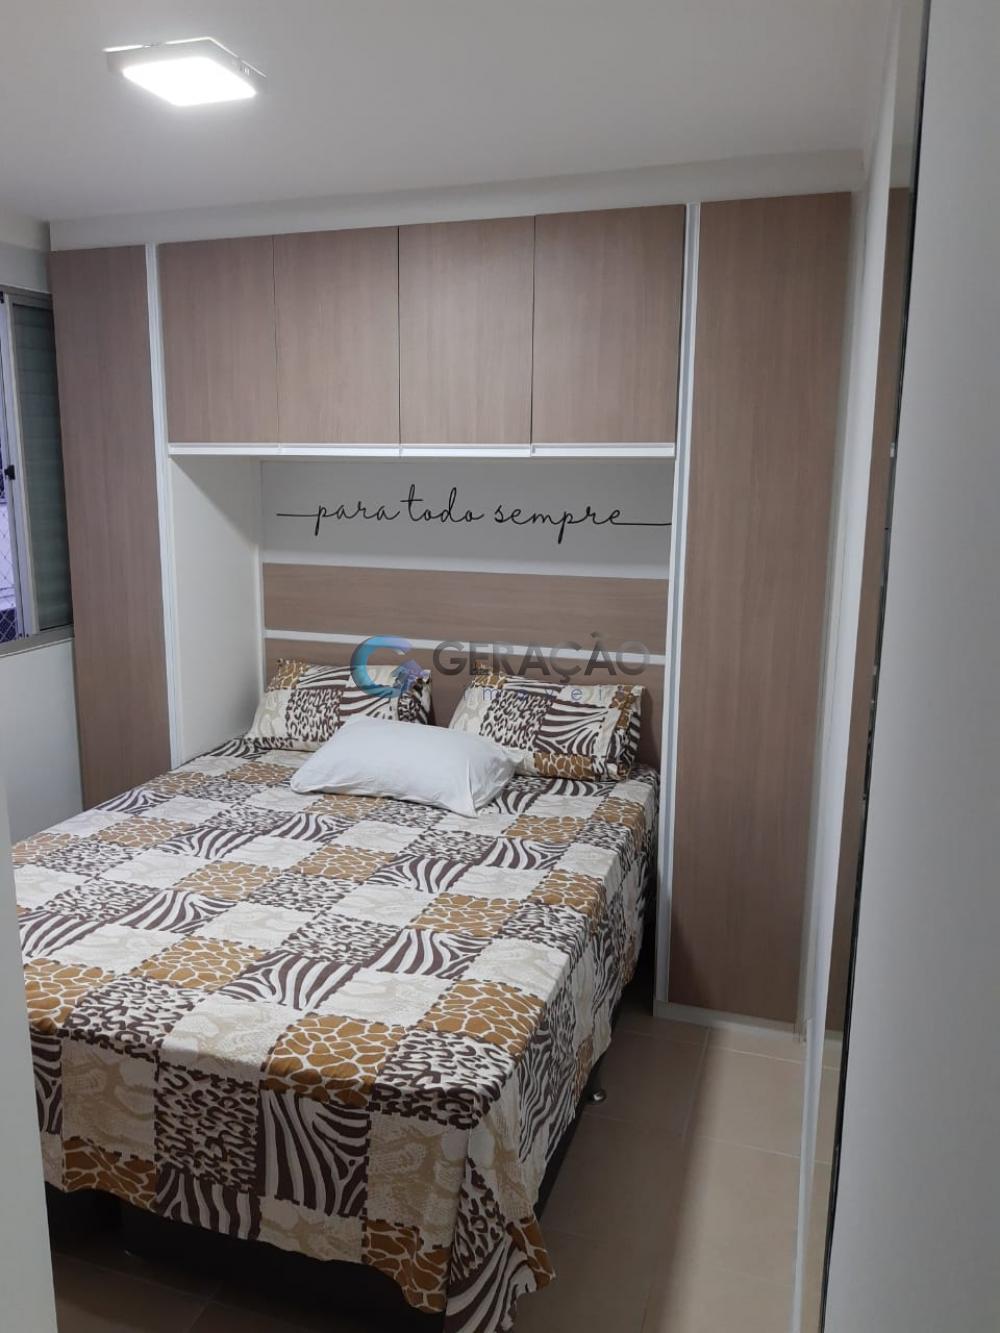 Alugar Apartamento / Padrão em São José dos Campos R$ 1.800,00 - Foto 12